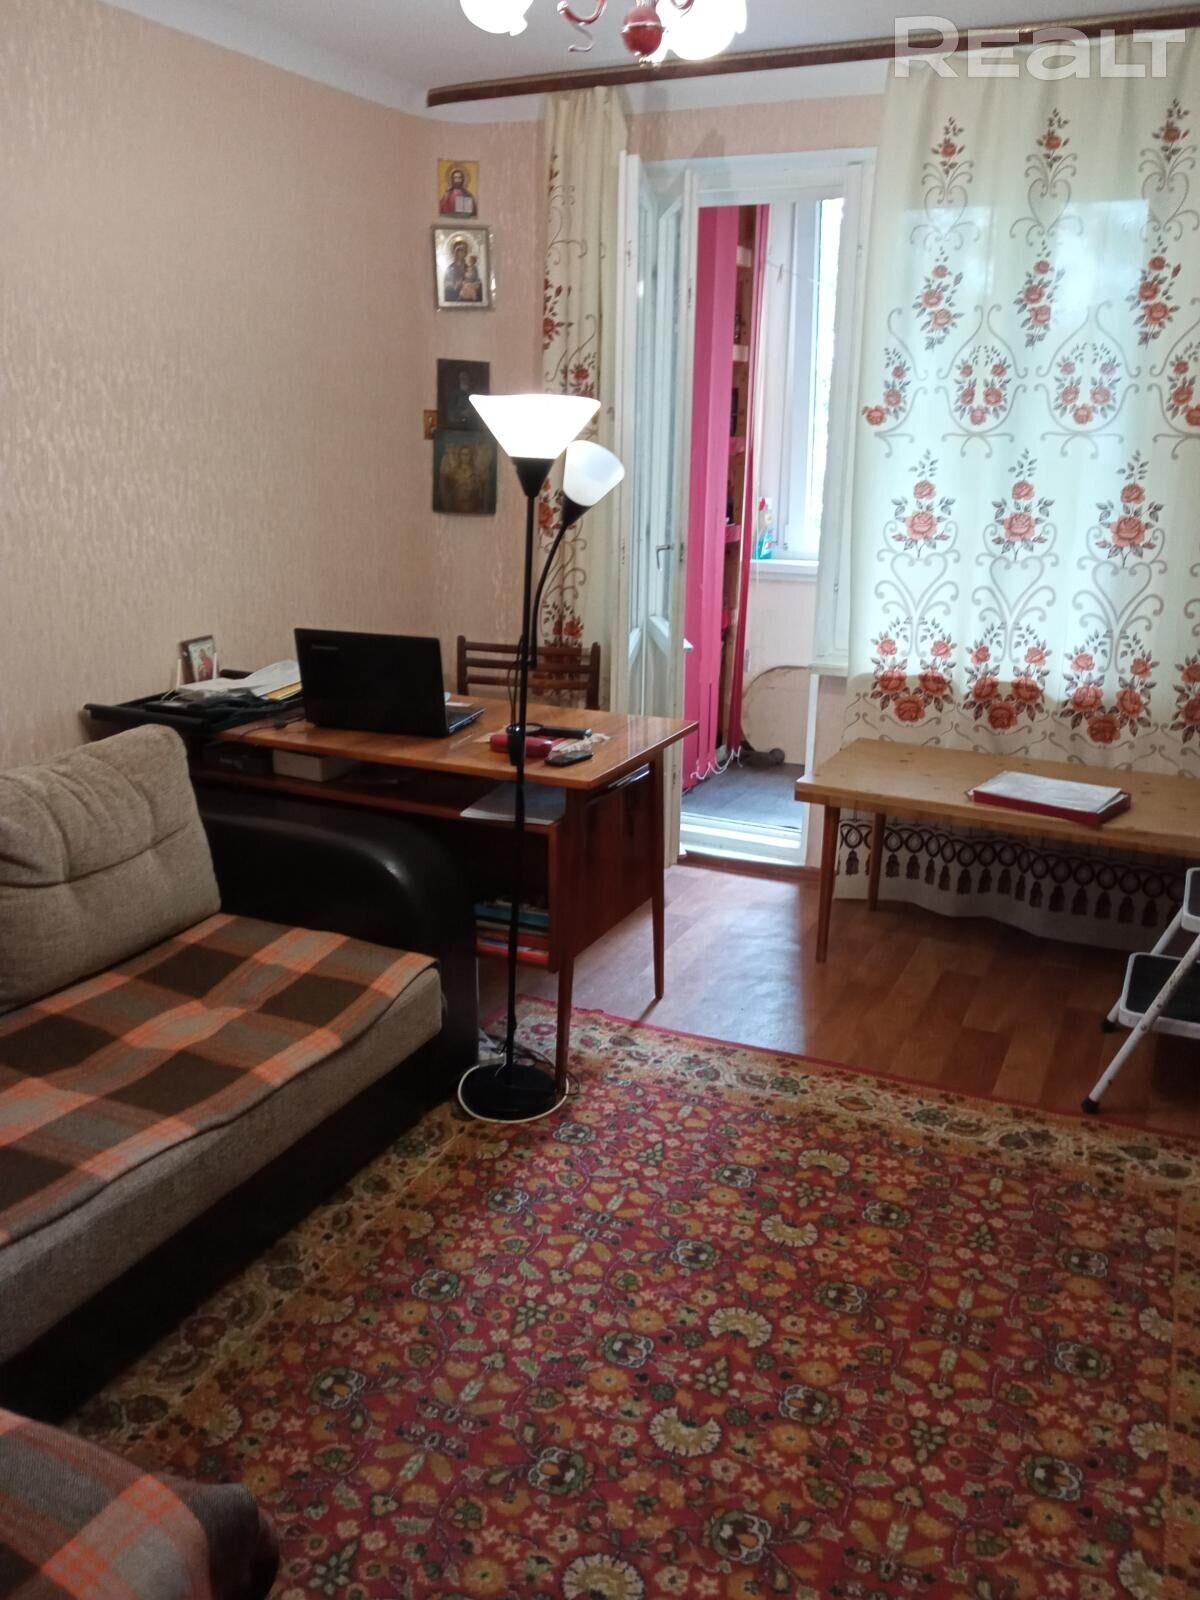 Продажа 3-х комнатной квартиры в г. Минске, ул. Глебки, дом 38 (р-н Пушкина-Глебки-Притыцкого-Ольшевского-Кальварийская). Цена 189 765 руб